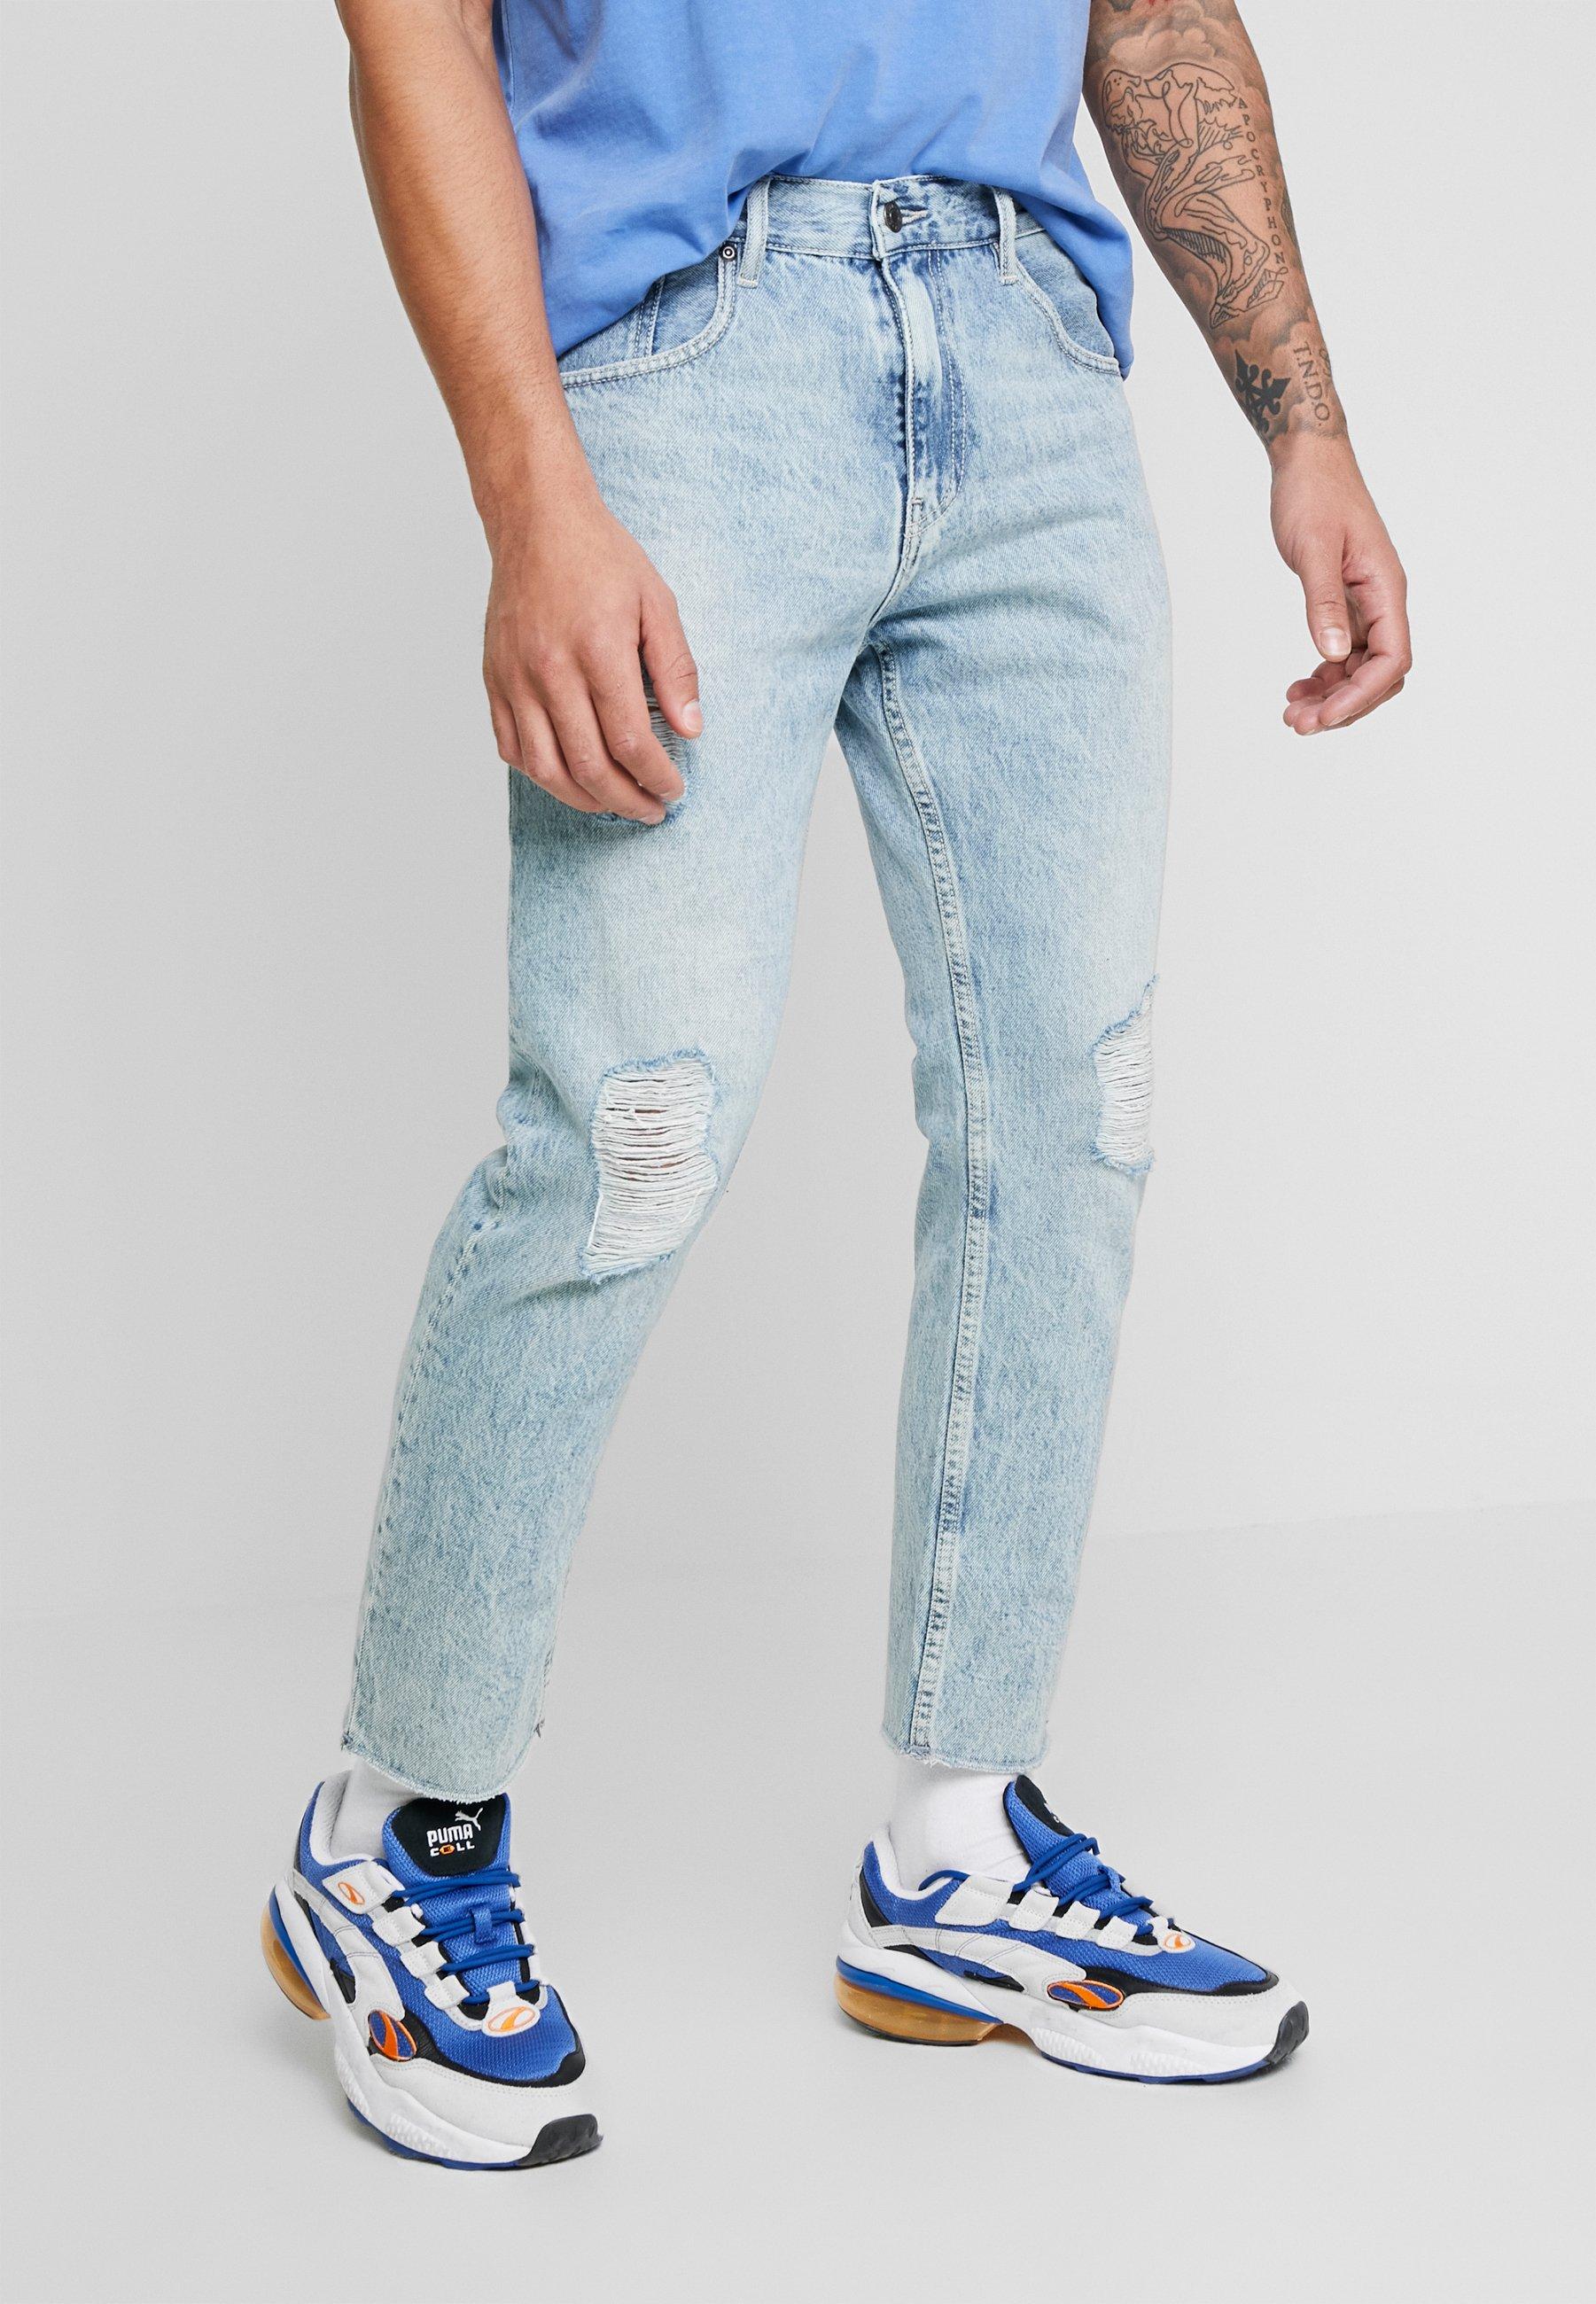 Erittäin Miesten vaatteet Sarja dfKJIUp97454sfGHYHD Quiksilver Straight leg -farkut blue